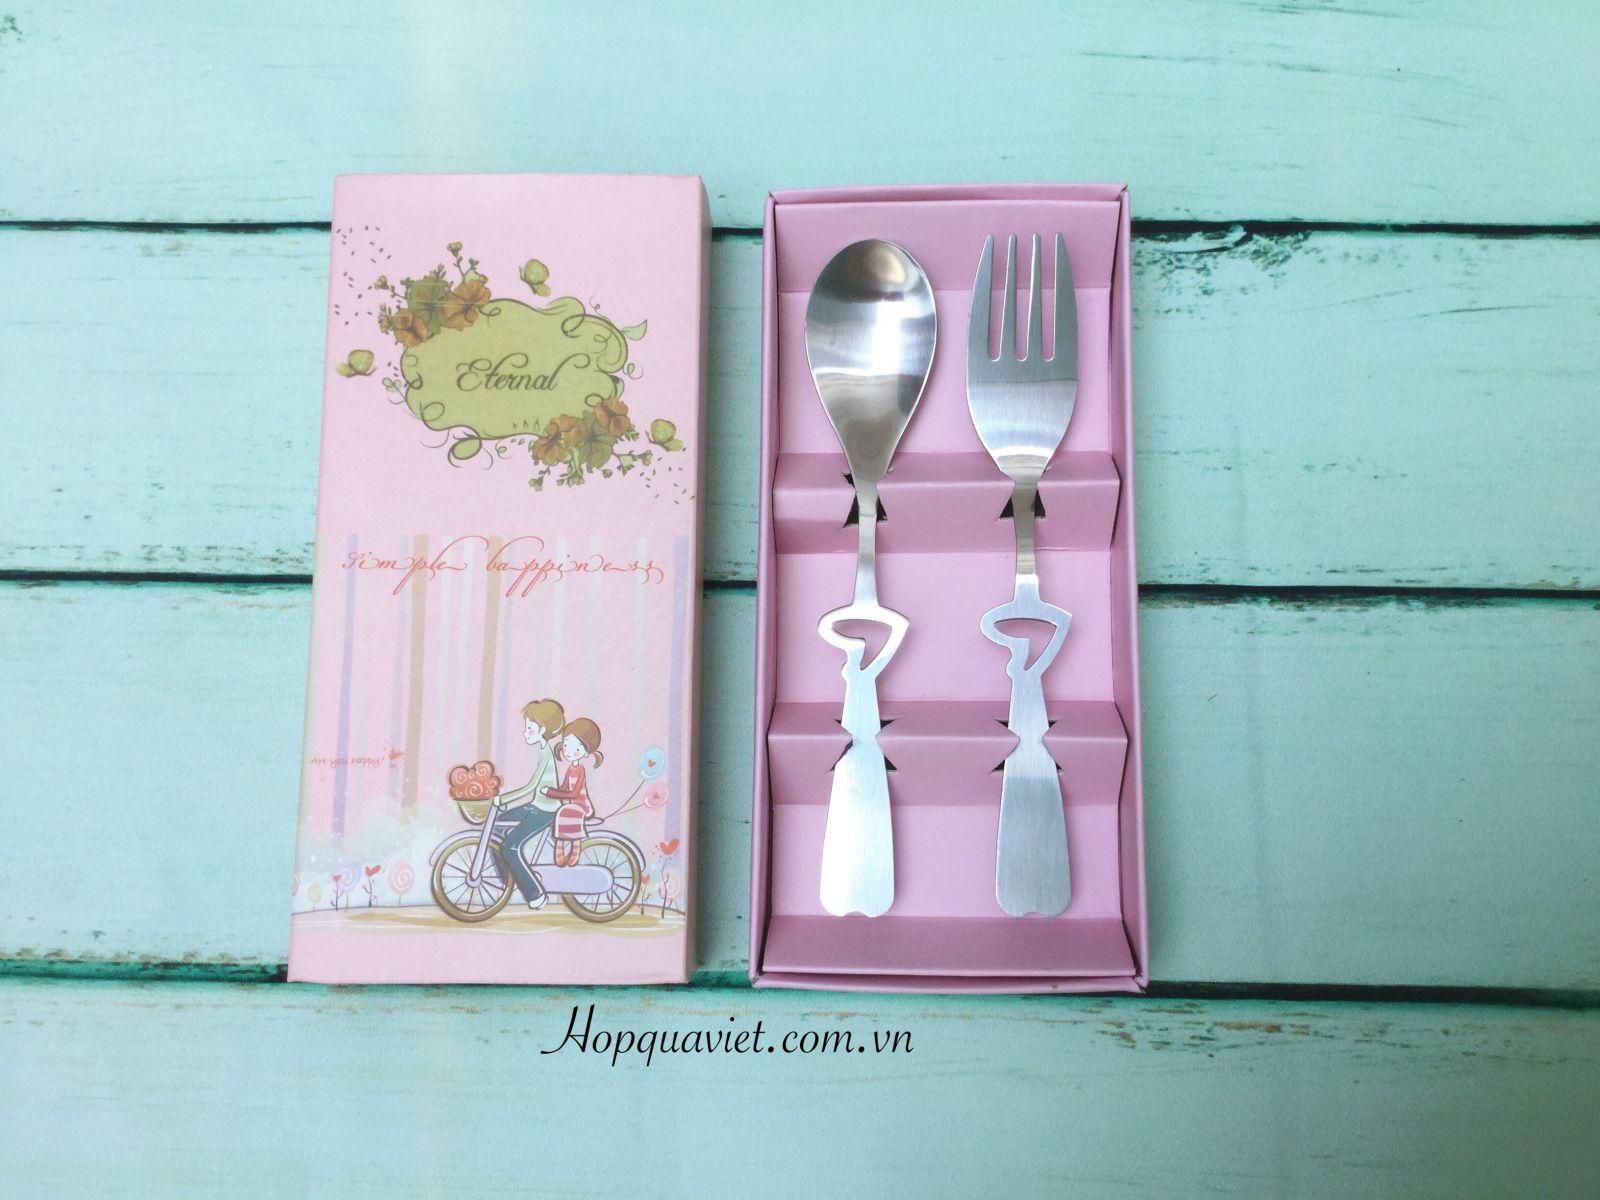 Hộp thìa & nĩa màu hồng